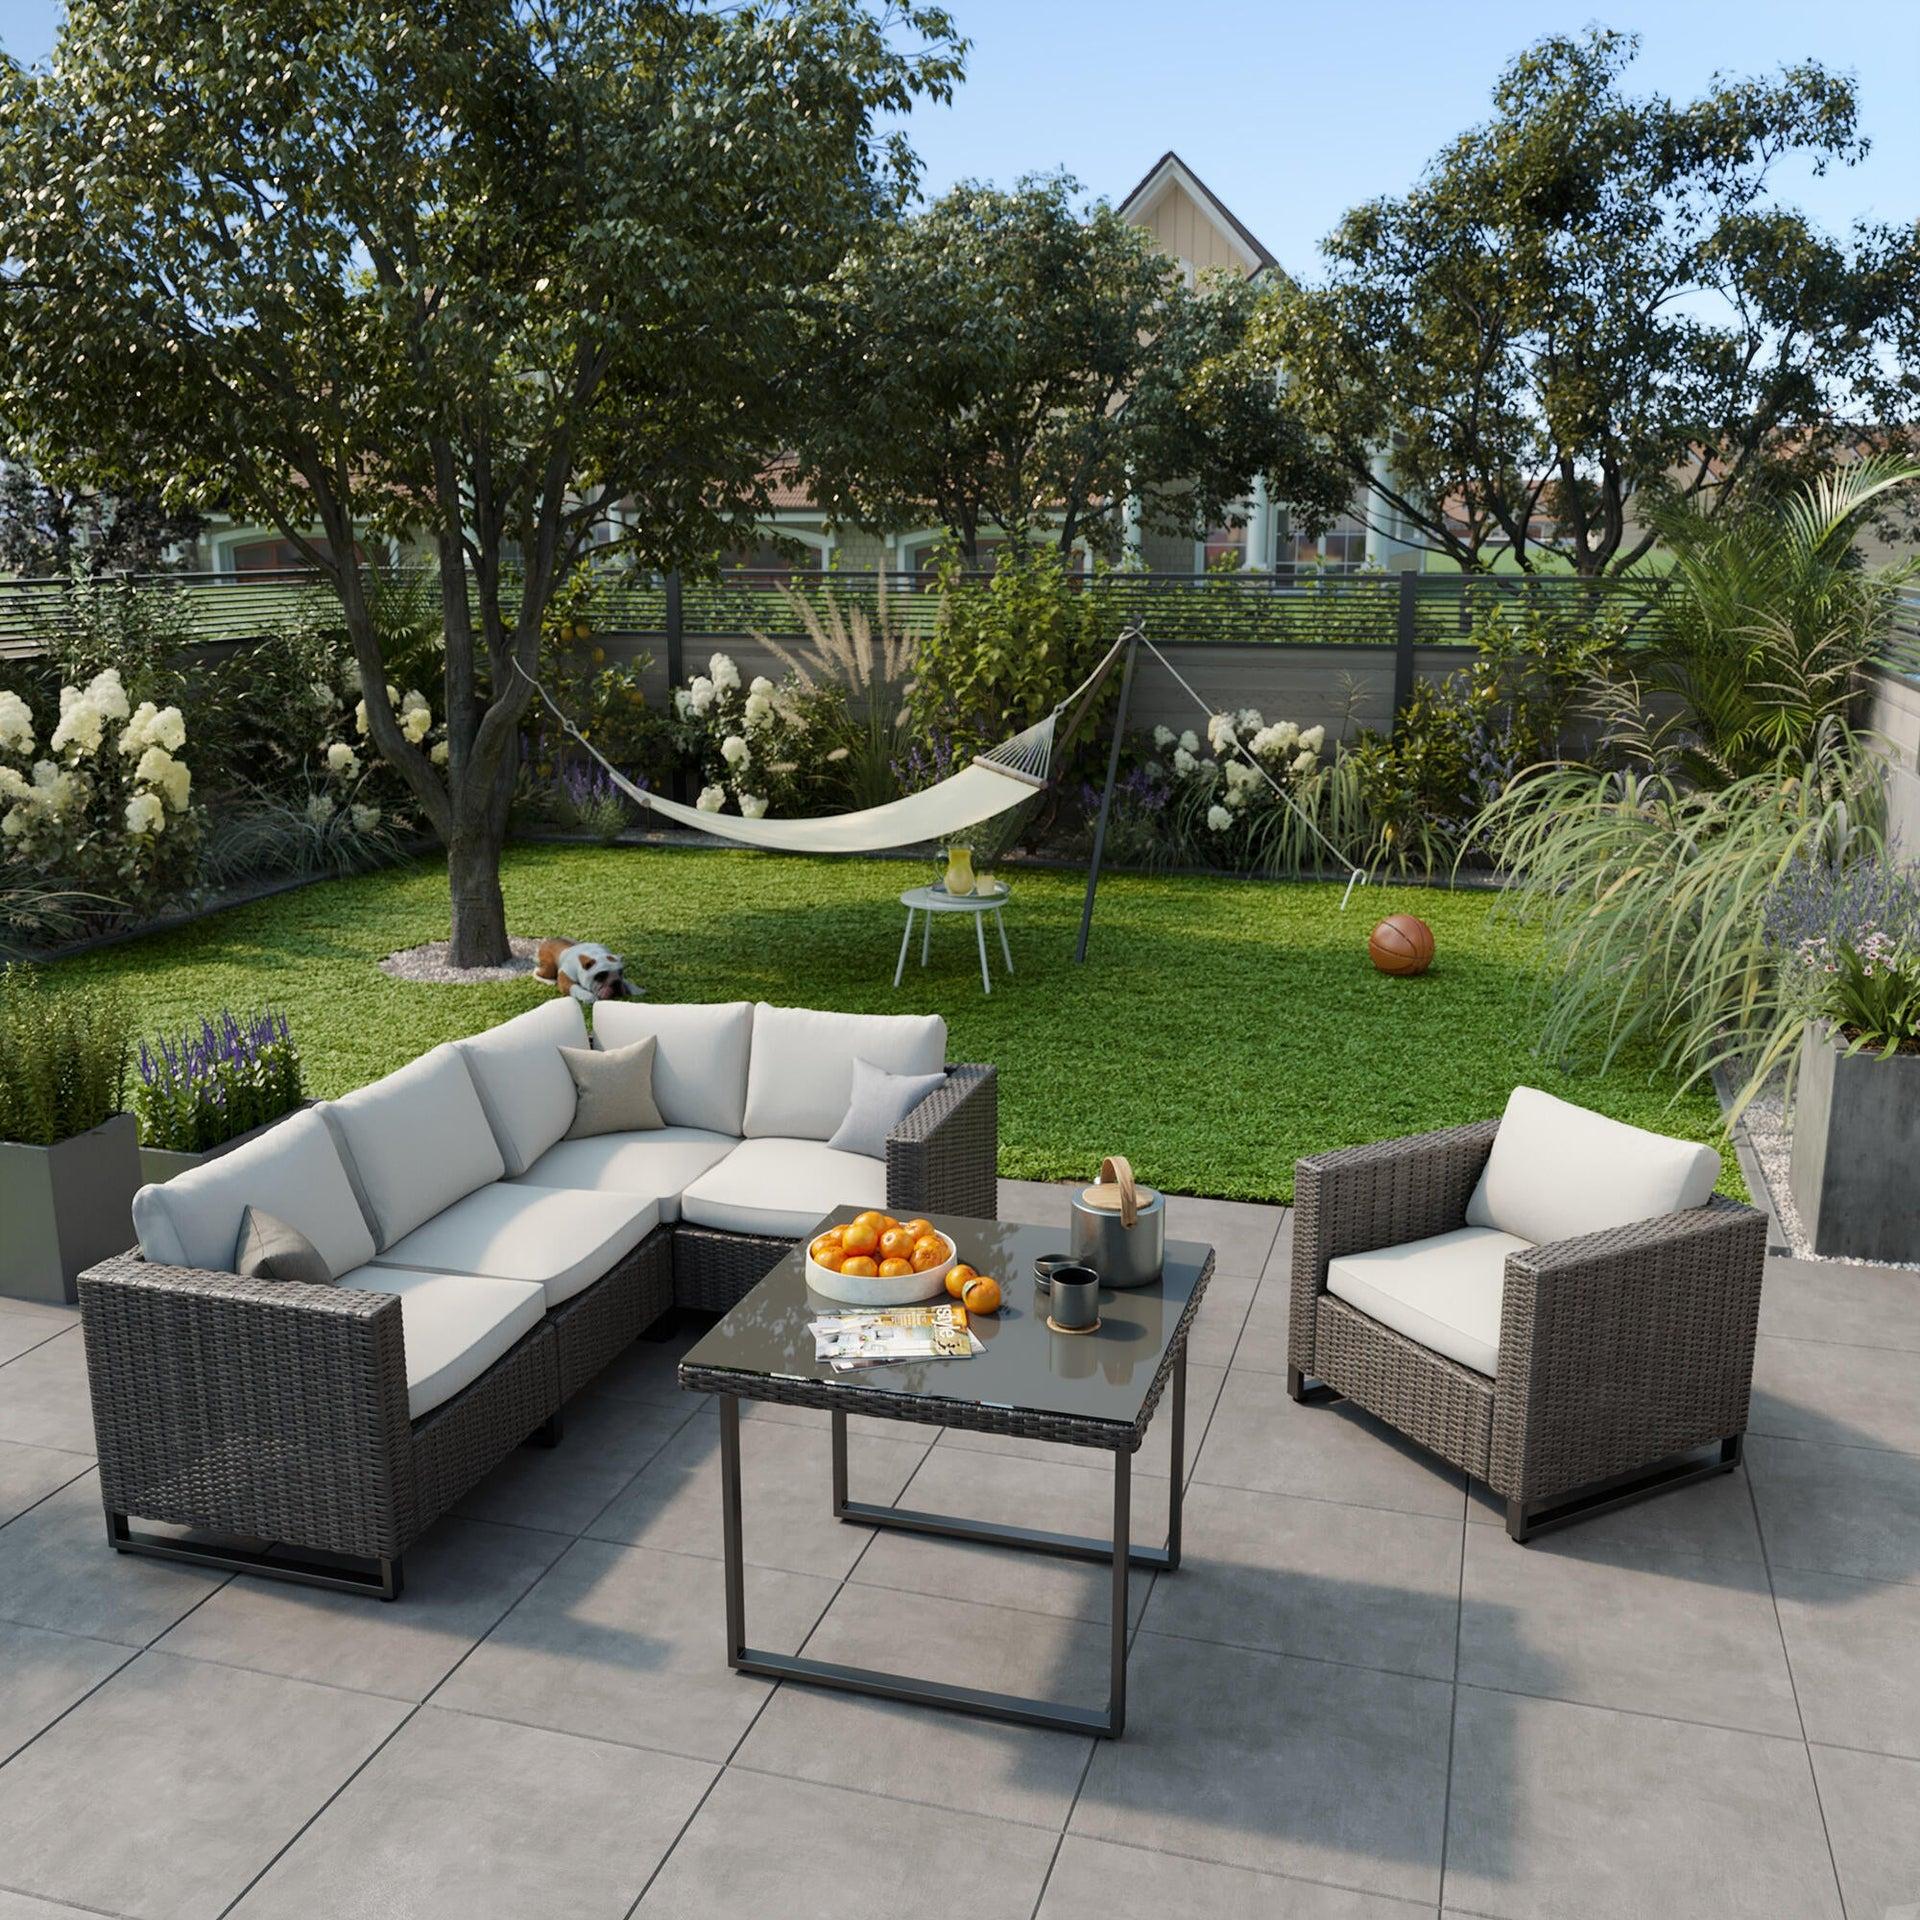 Poltrona da giardino con cuscino in acciaio Noa NATERIAL colore antracite - 5